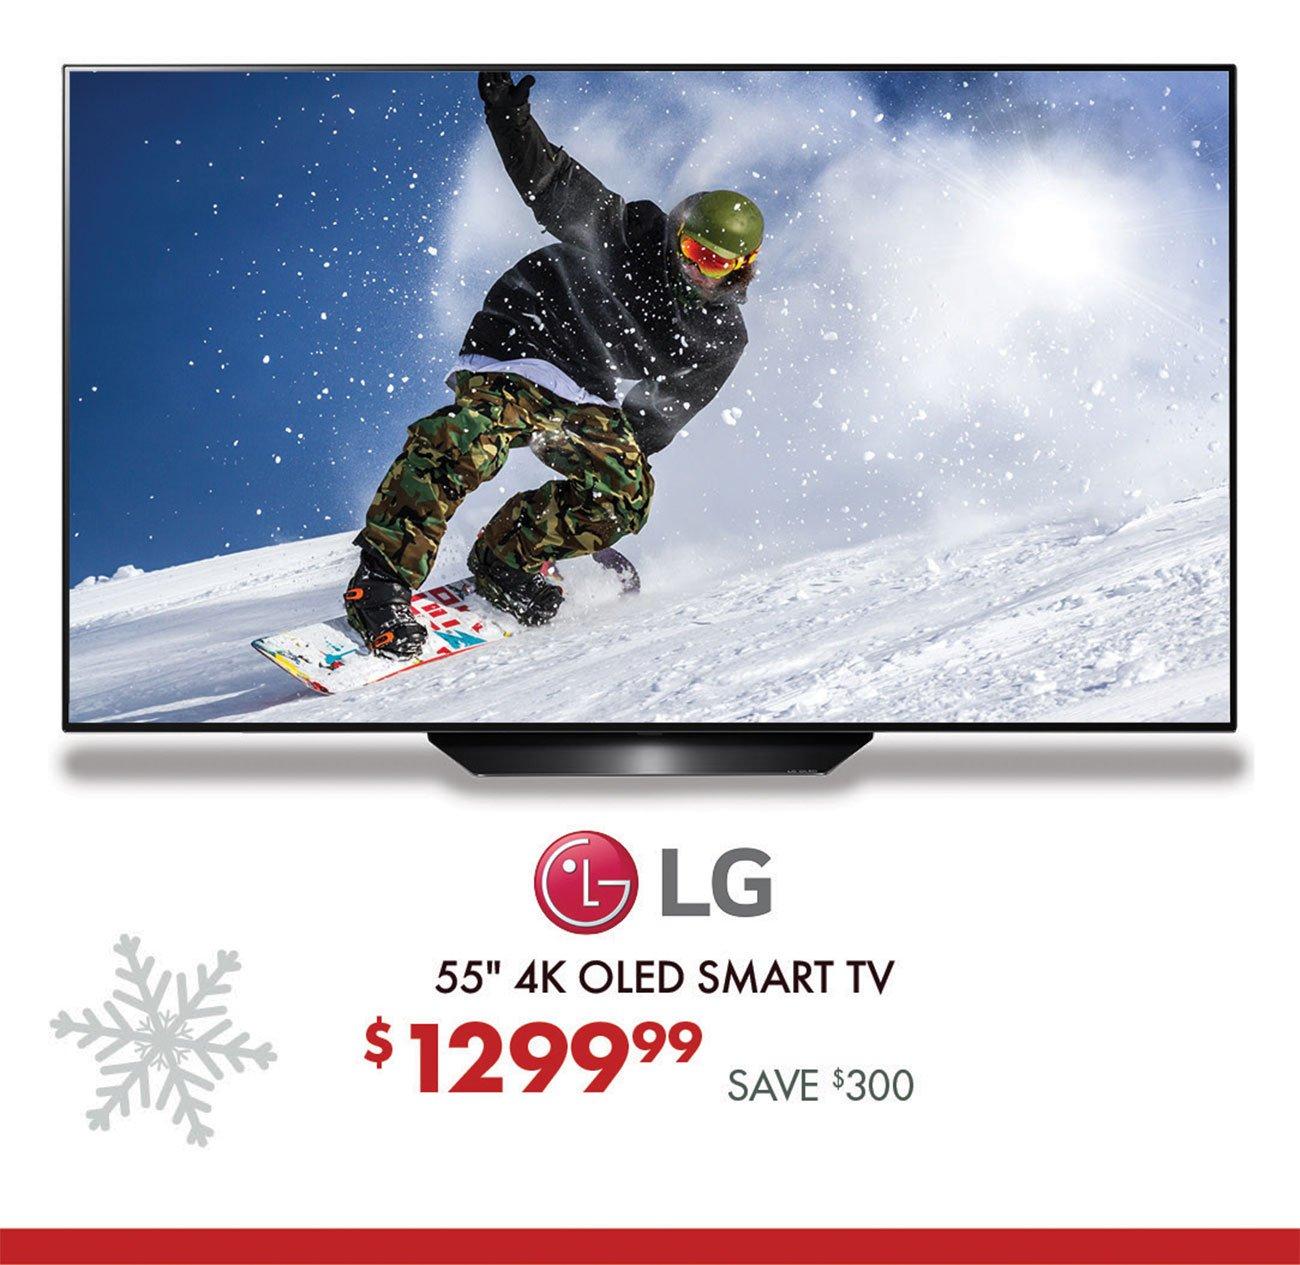 LG-55-4K-OLED-Smart-TV-UIRV